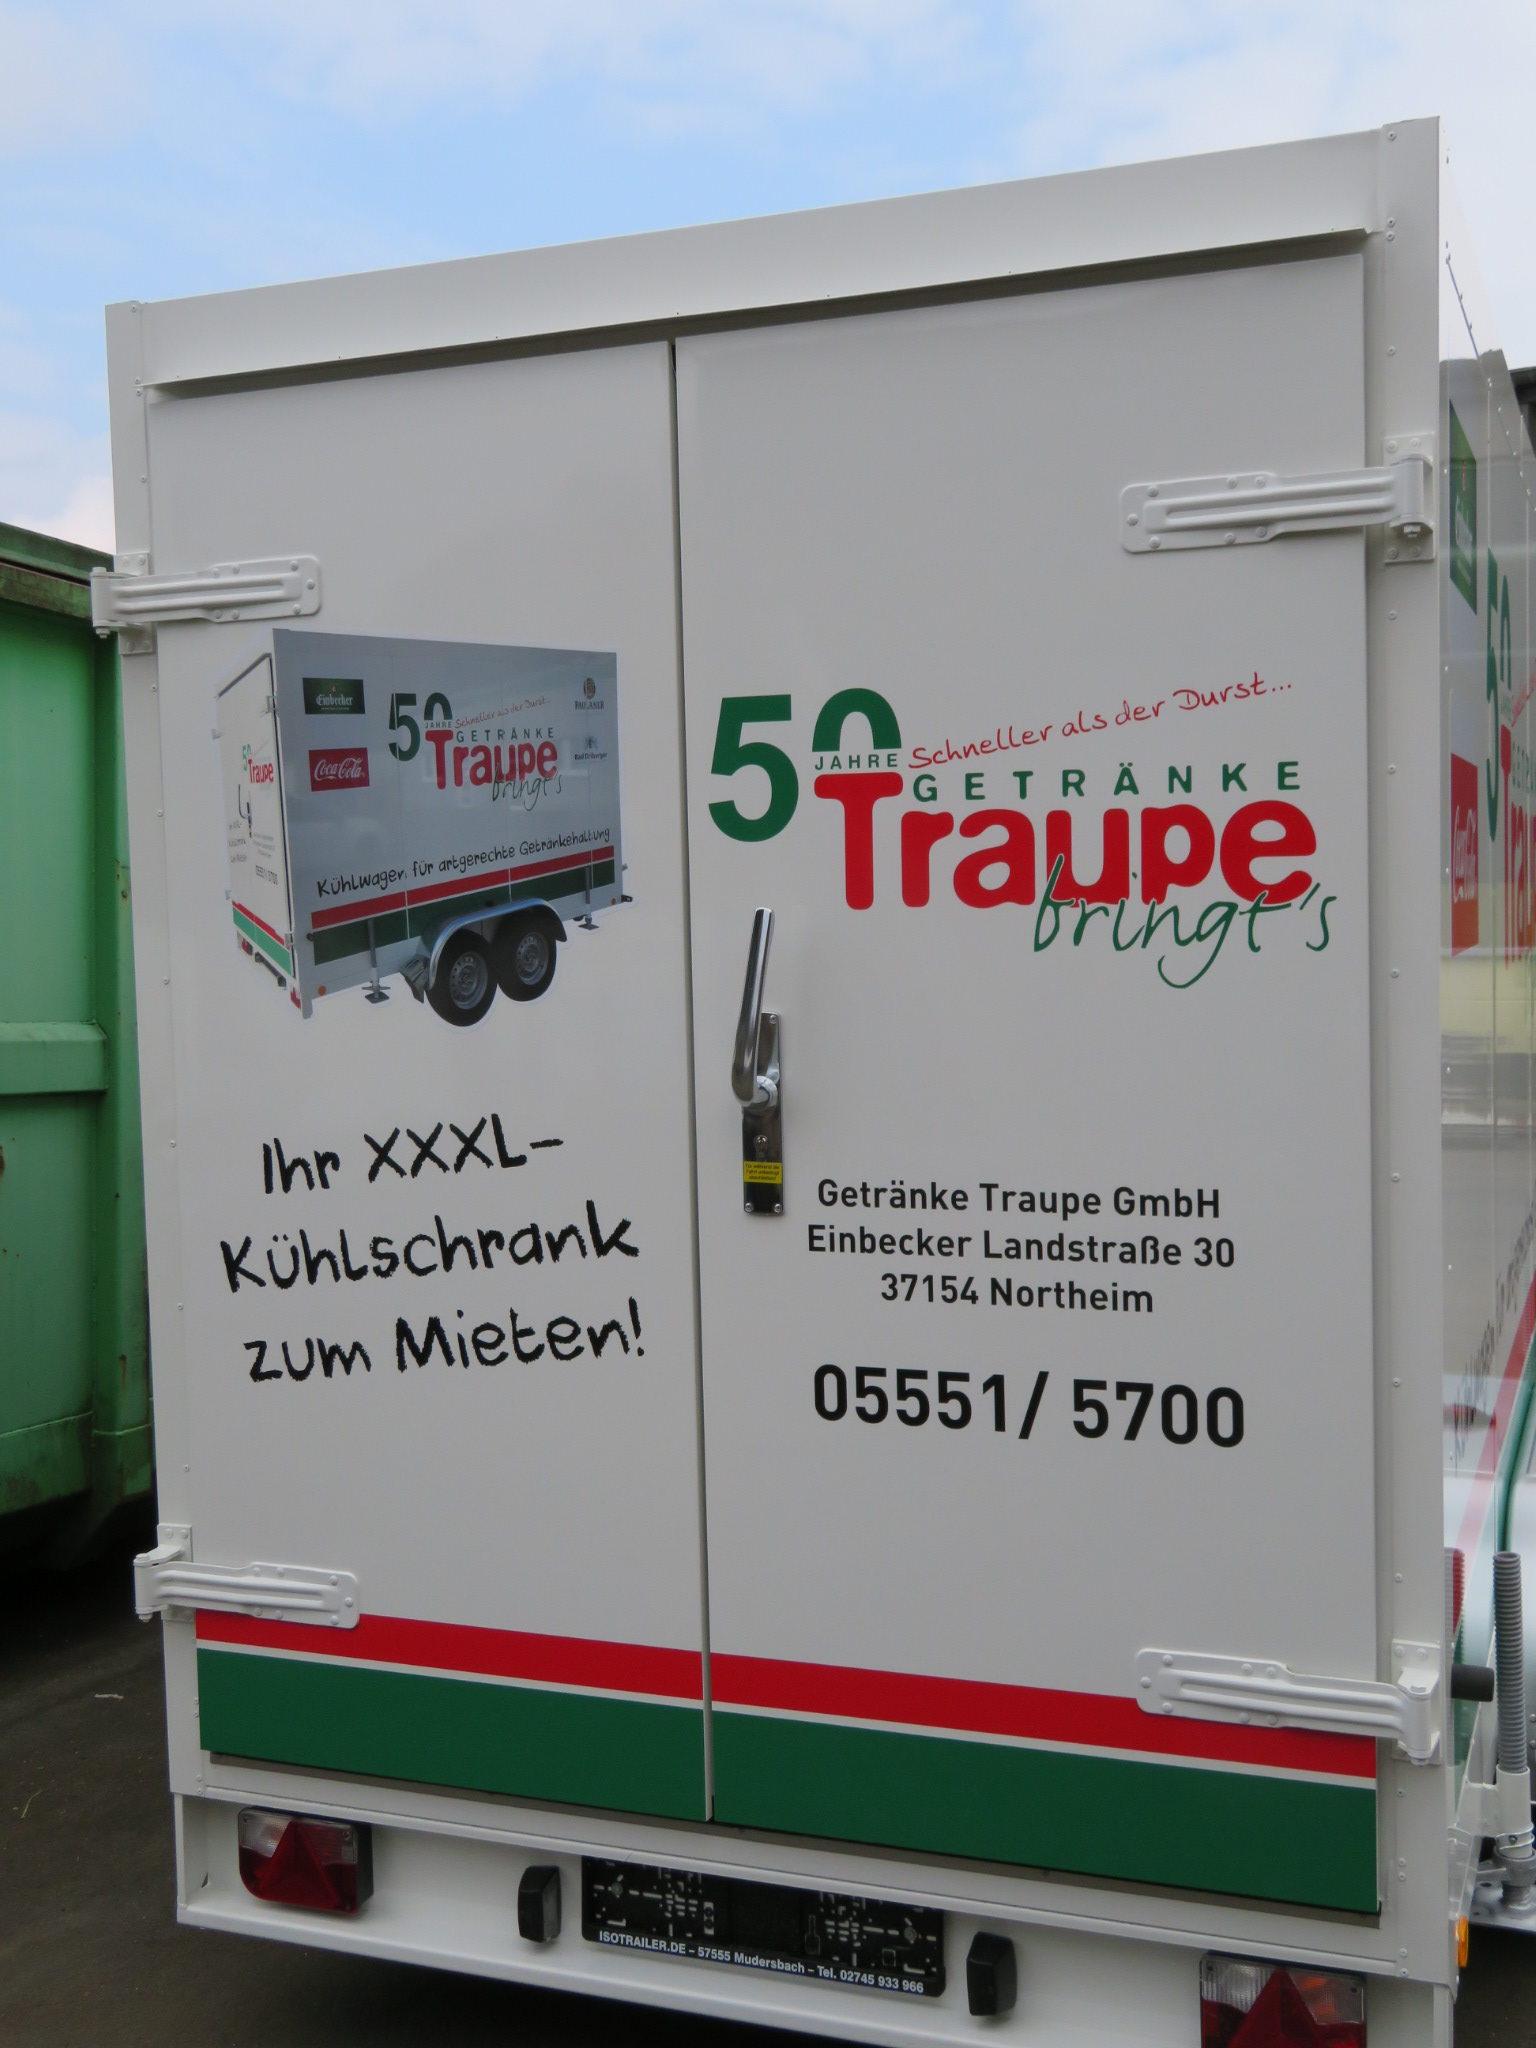 Getränke Traupe – Schneller als der Durst